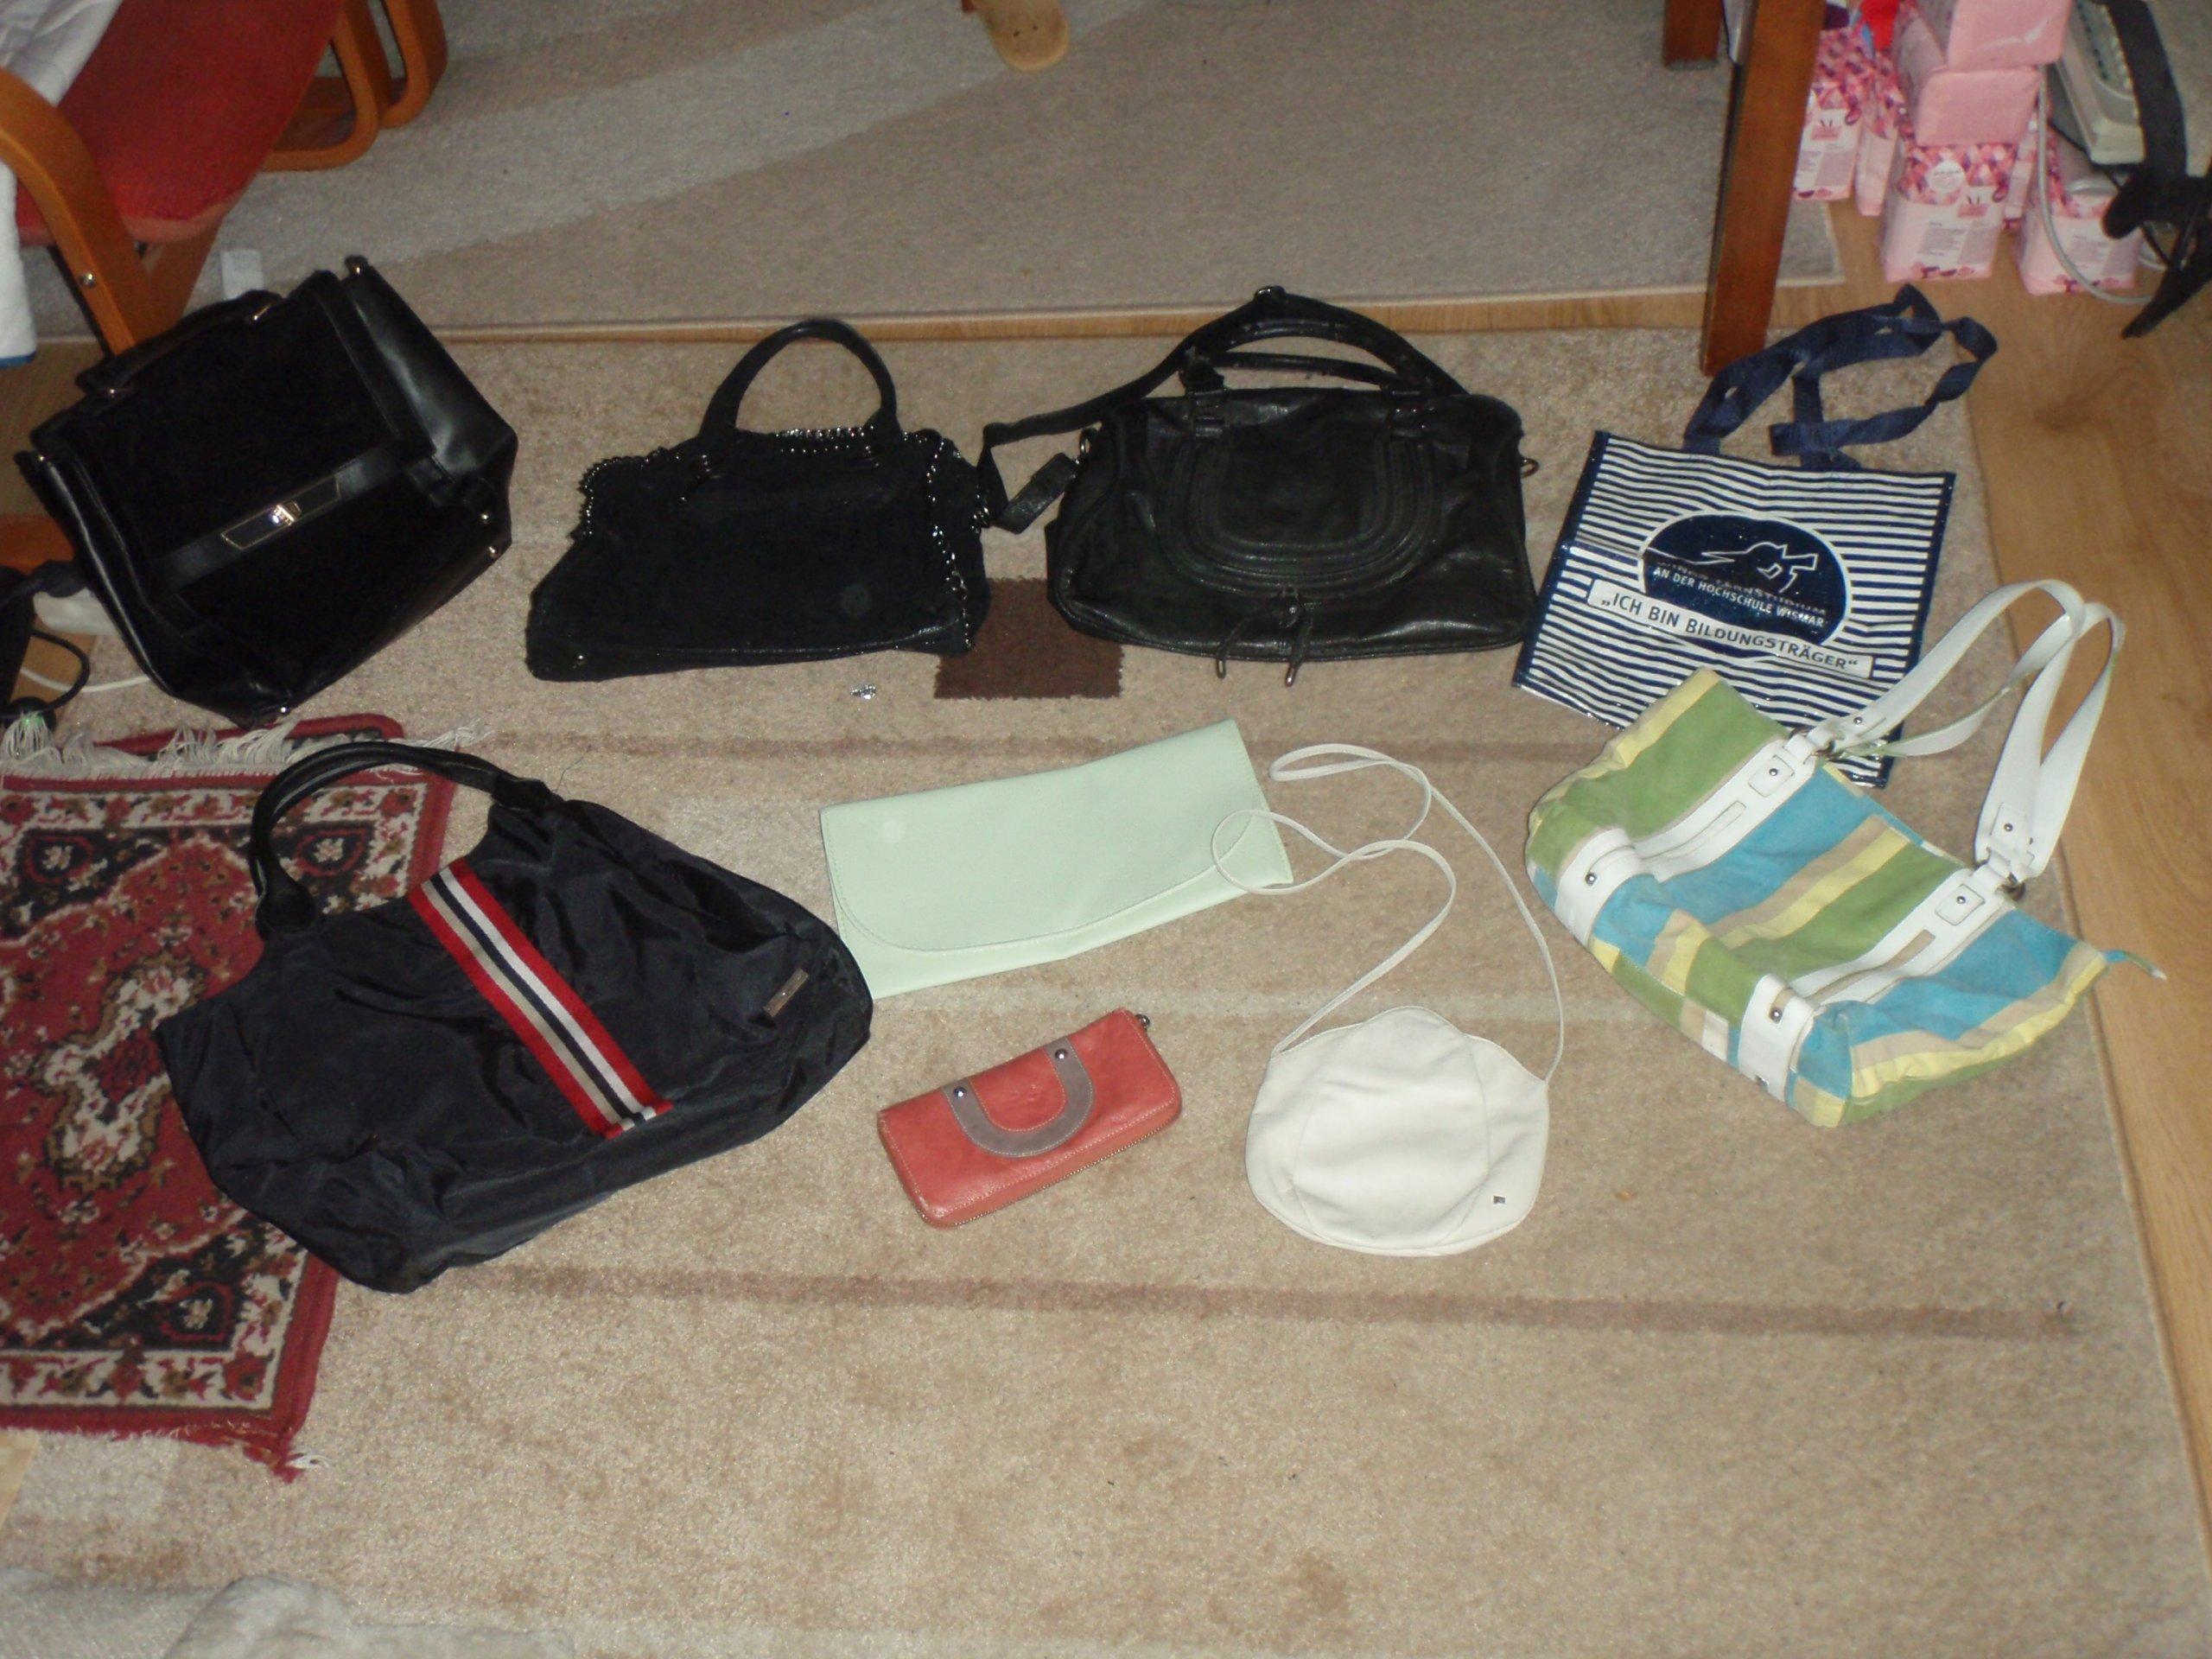 983defbc877fc Torebki damskie różne - 7 sztuk + duży portfel - 7191842094 ...